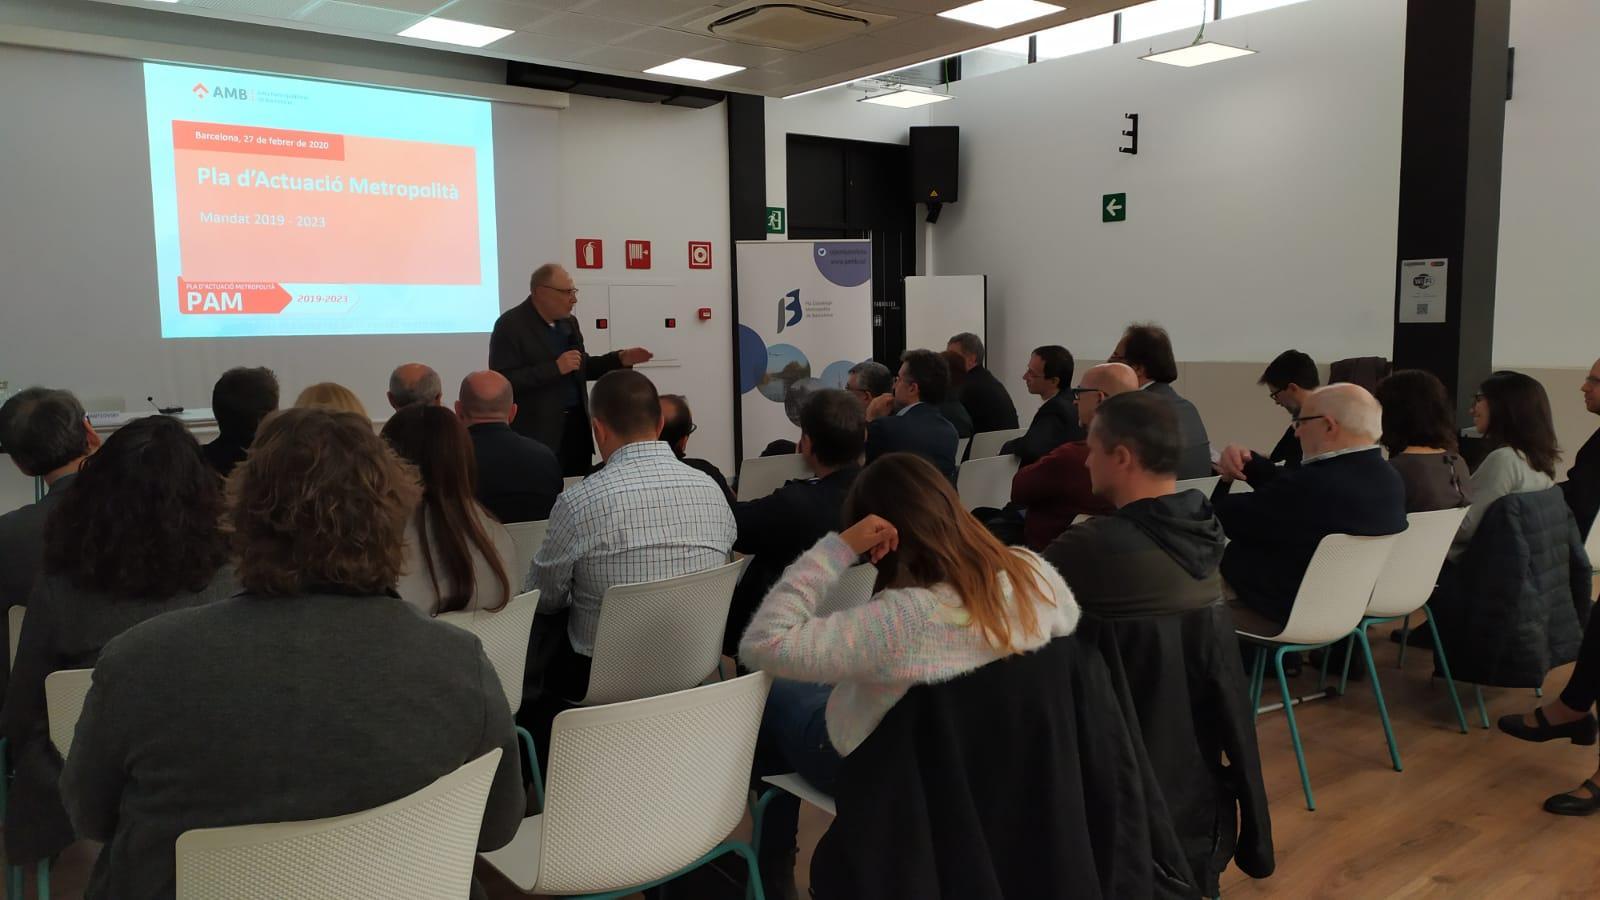 Héctor Santcovsky, director de l'Àrea de Desenvolupament Social i Econòmic presentant el PAM 2019-2023